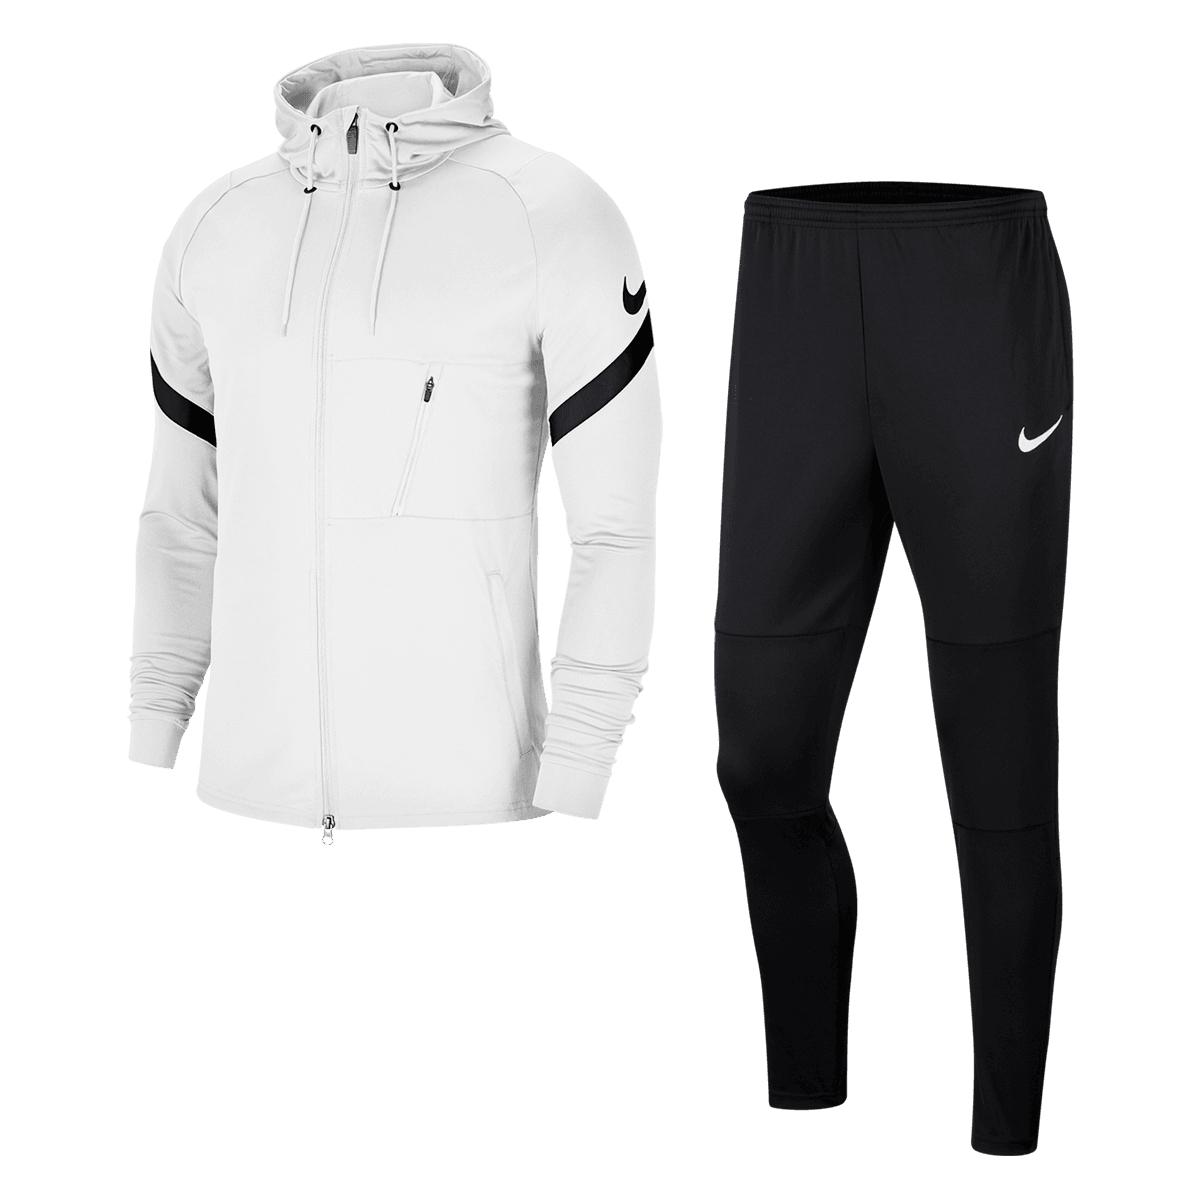 Survêtement Nike Strike 21 pour Hommes - Tailles & Coloris au choix